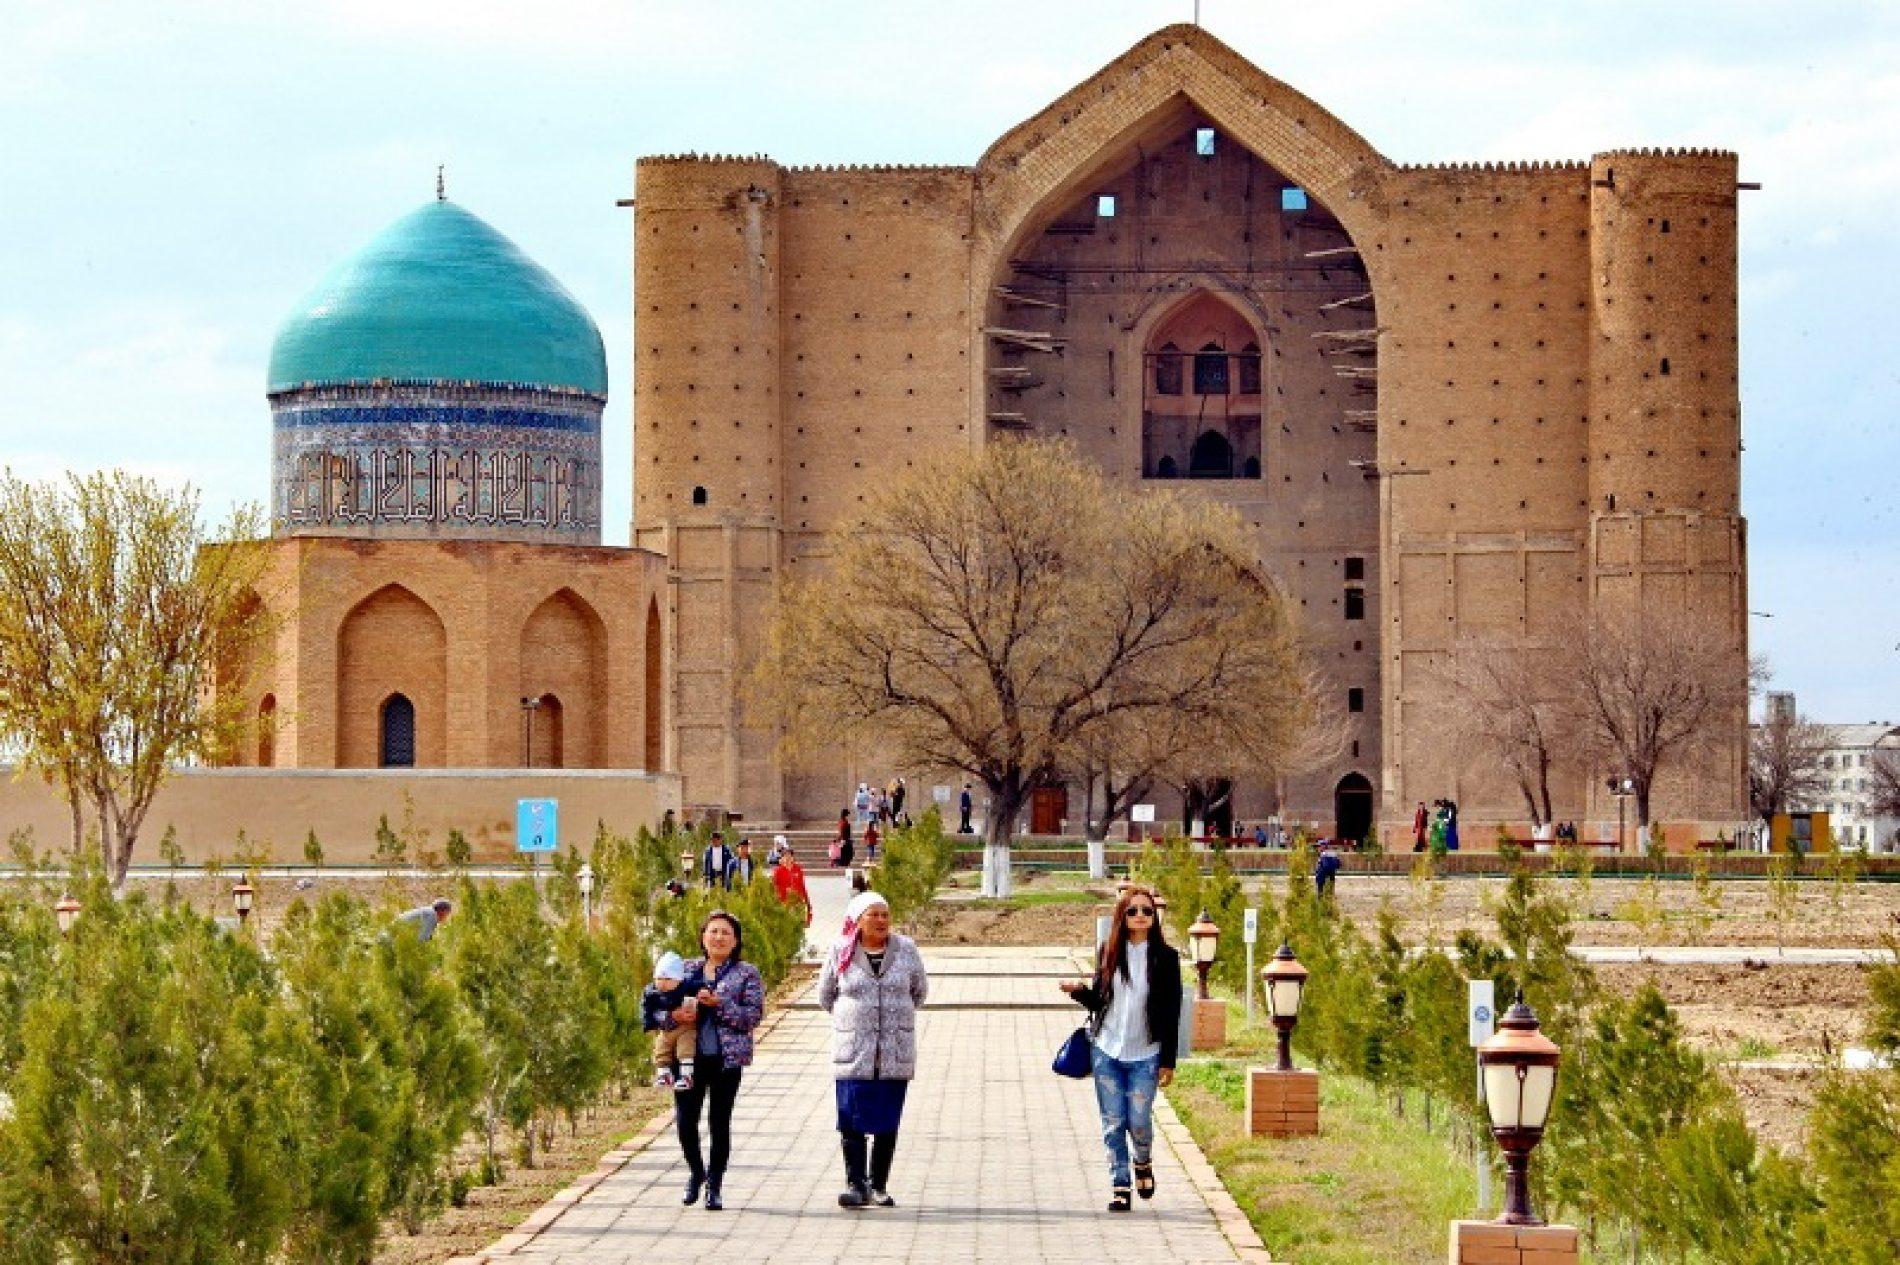 Қасым-Жомарт Тоқаев: Қожа Ахмет Ясауи кесенесінің туристік әлеуеті зор